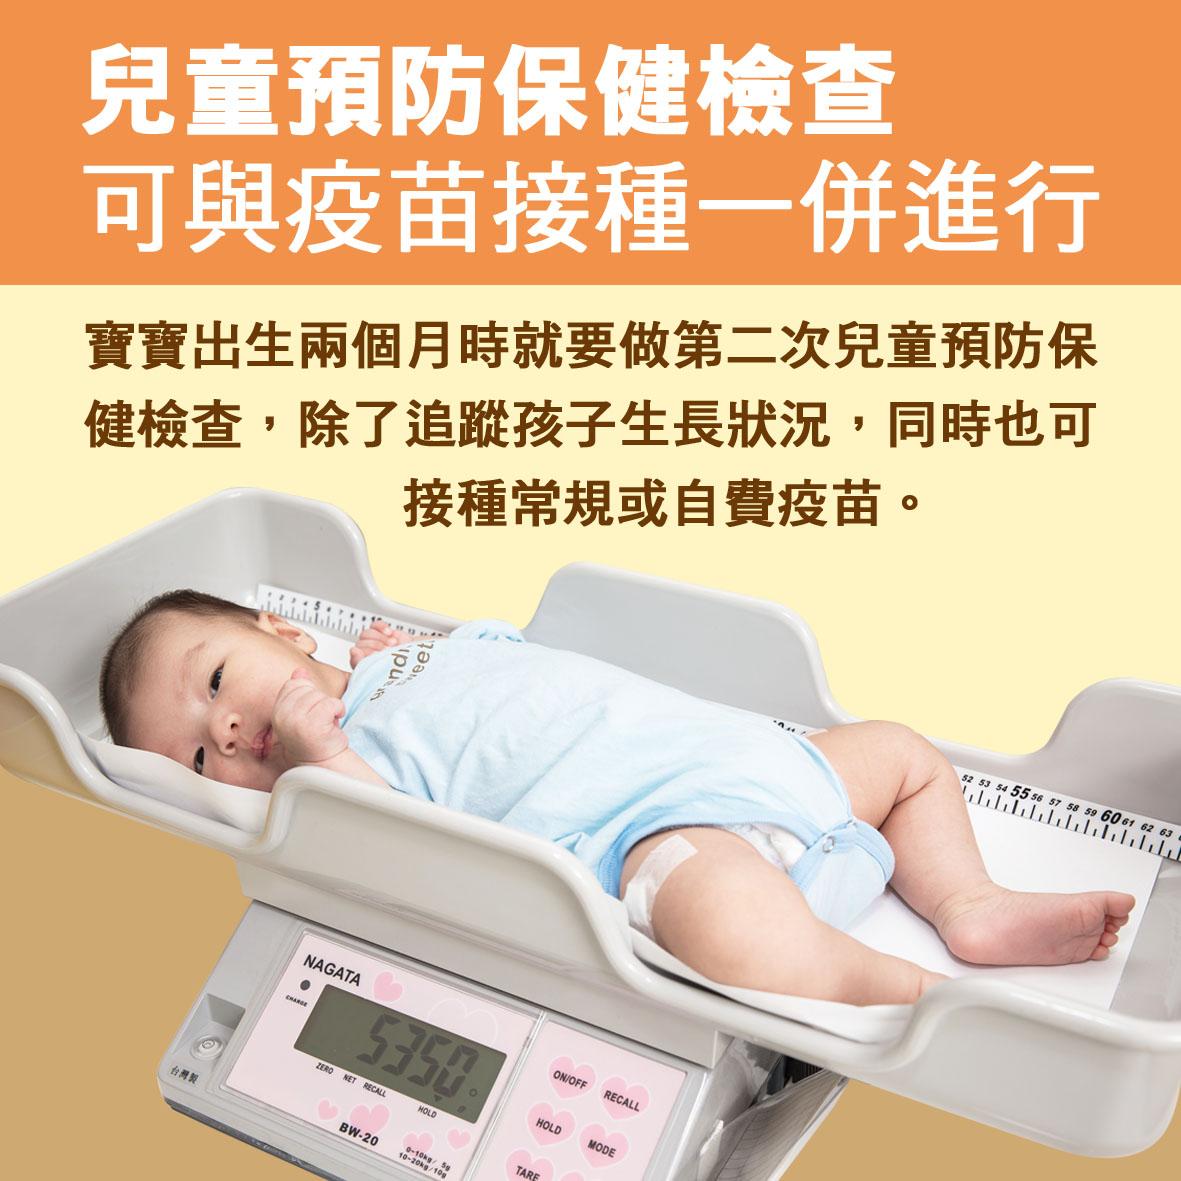 寶寶篇第9週-兒童預防保健檢查可與疫苗接種一併進行